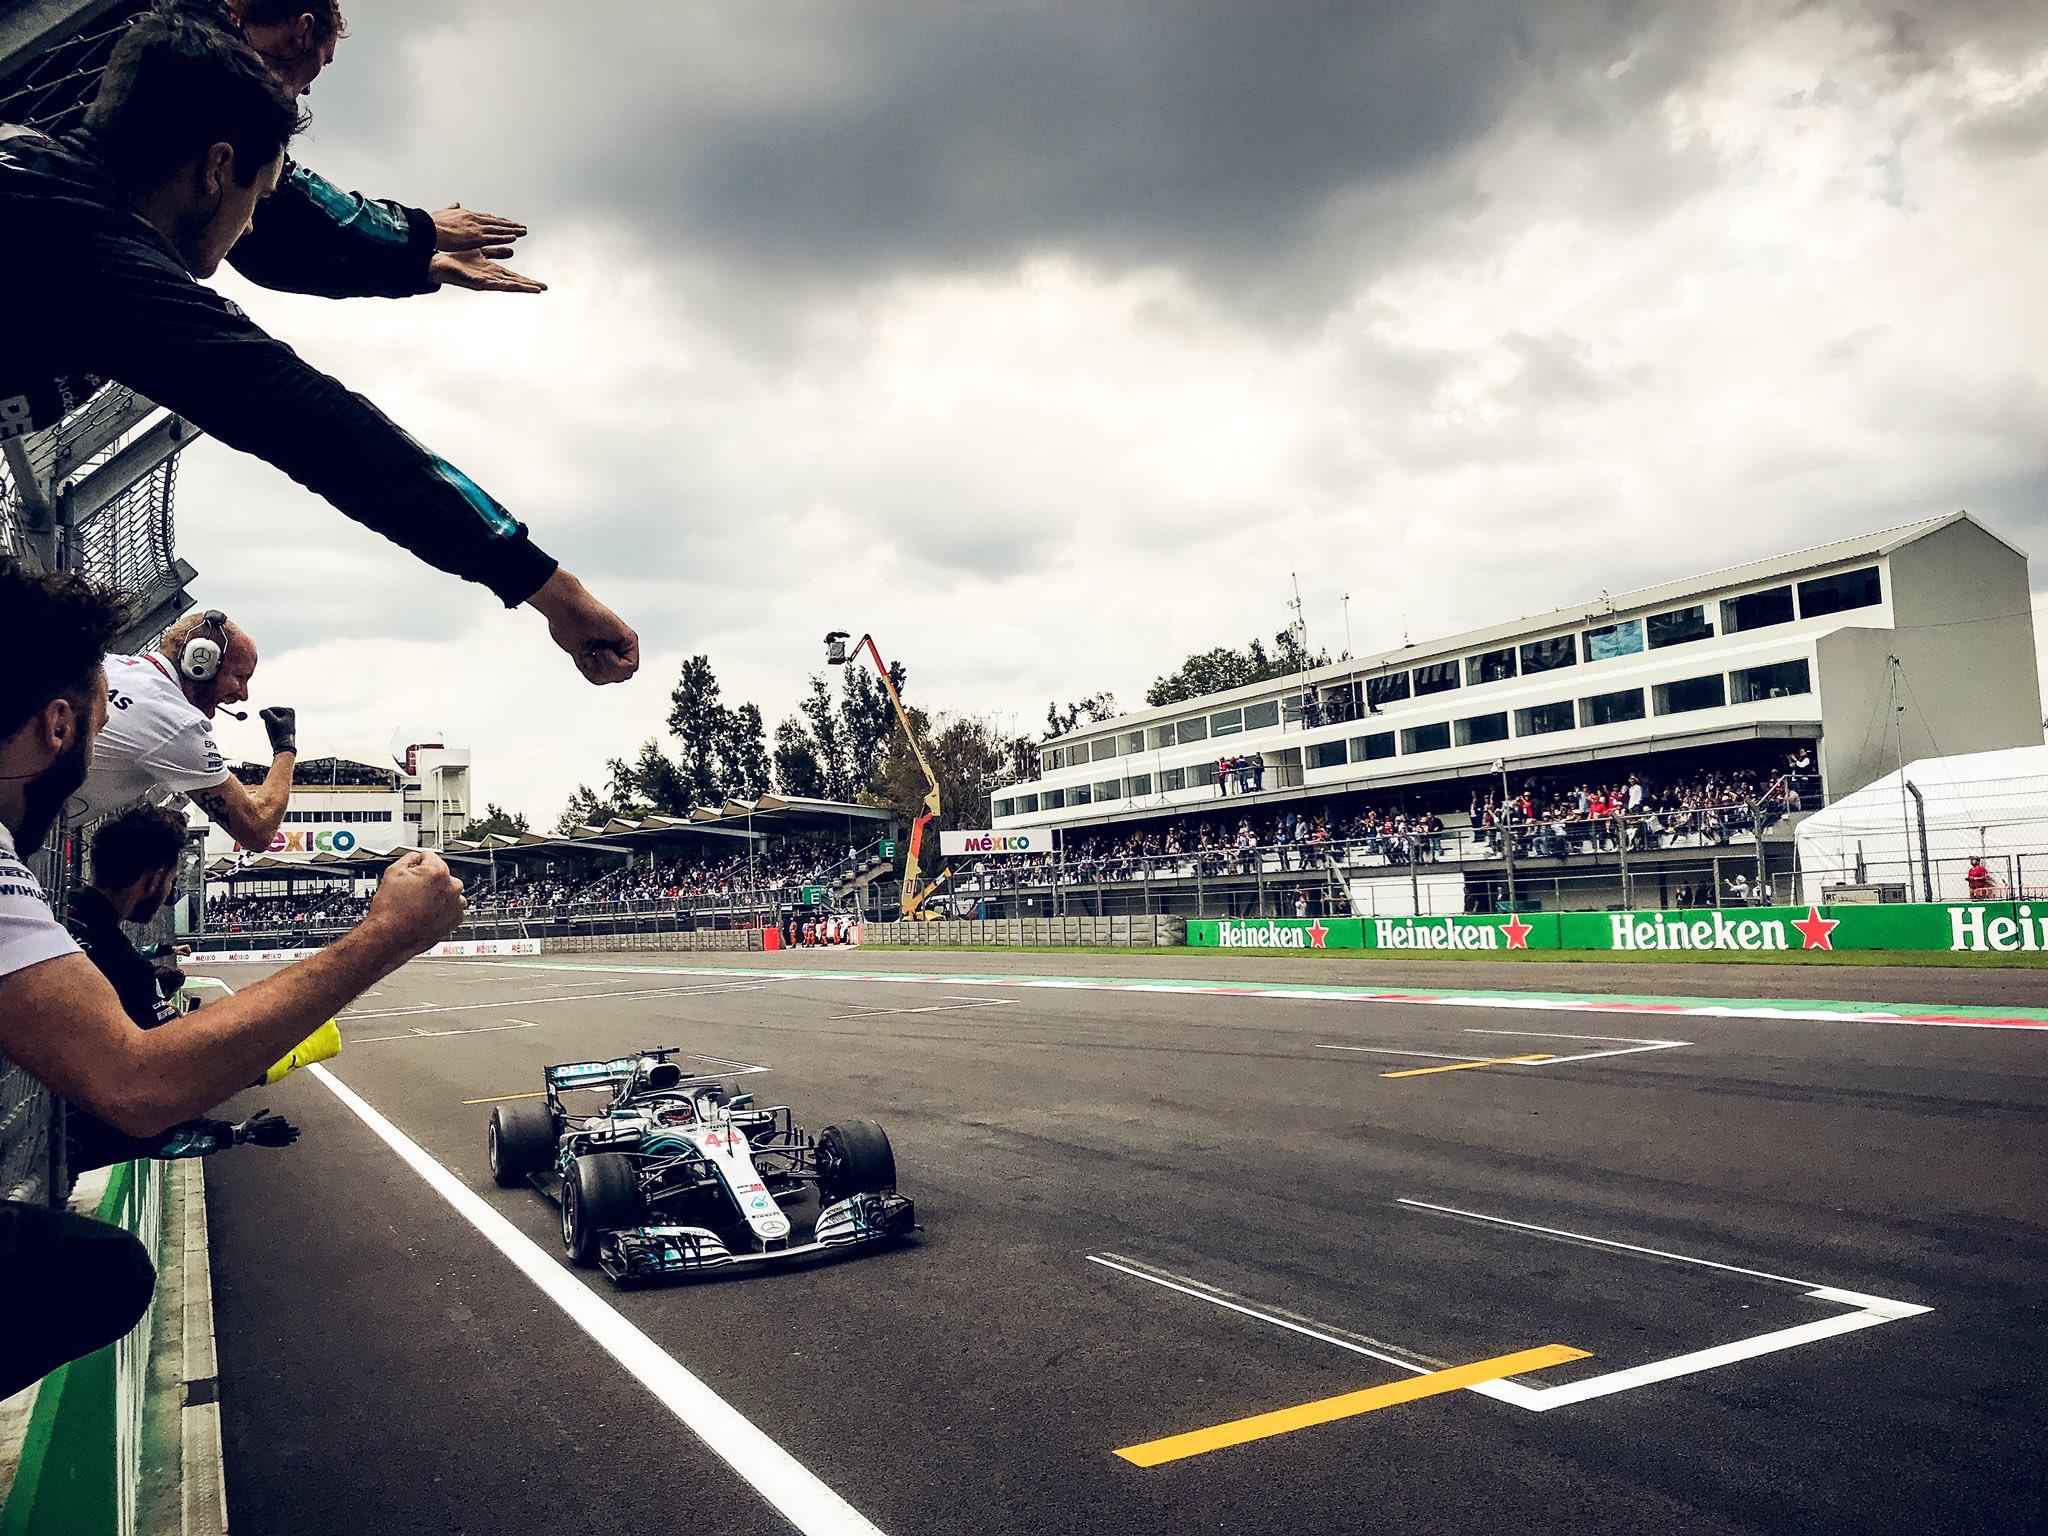 Льюис Хэмилтон выигрывает чемпионат мира по Формуле-1 2018 года